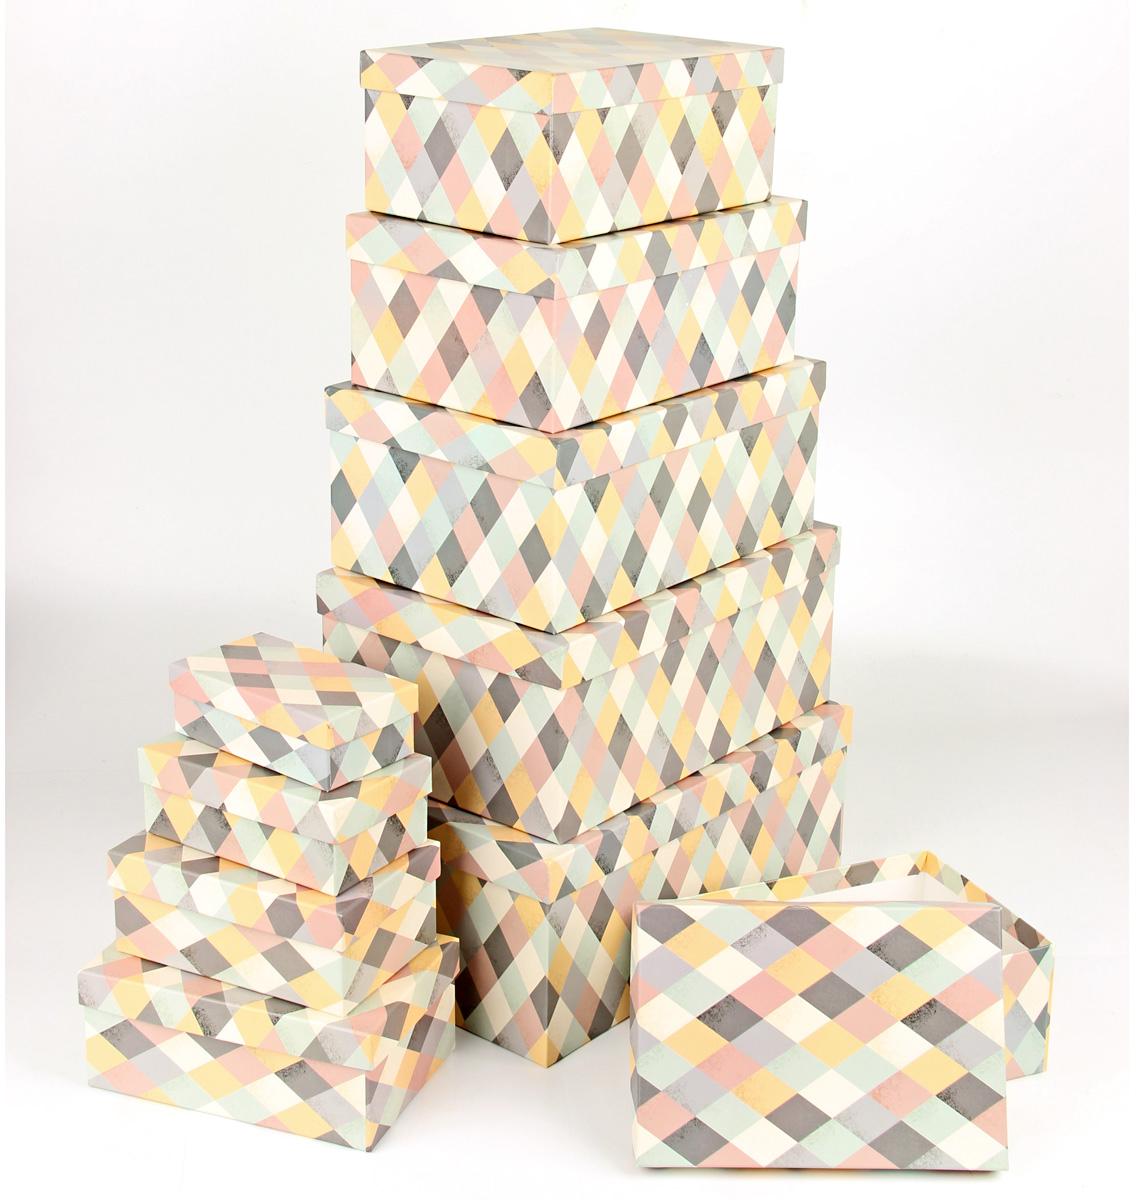 Набор подарочных коробок Veld-Co Пастельная мозаика, прямоугольные, 10 шт набор подарочных коробок veld co морская тематика прямоугольные 5 шт